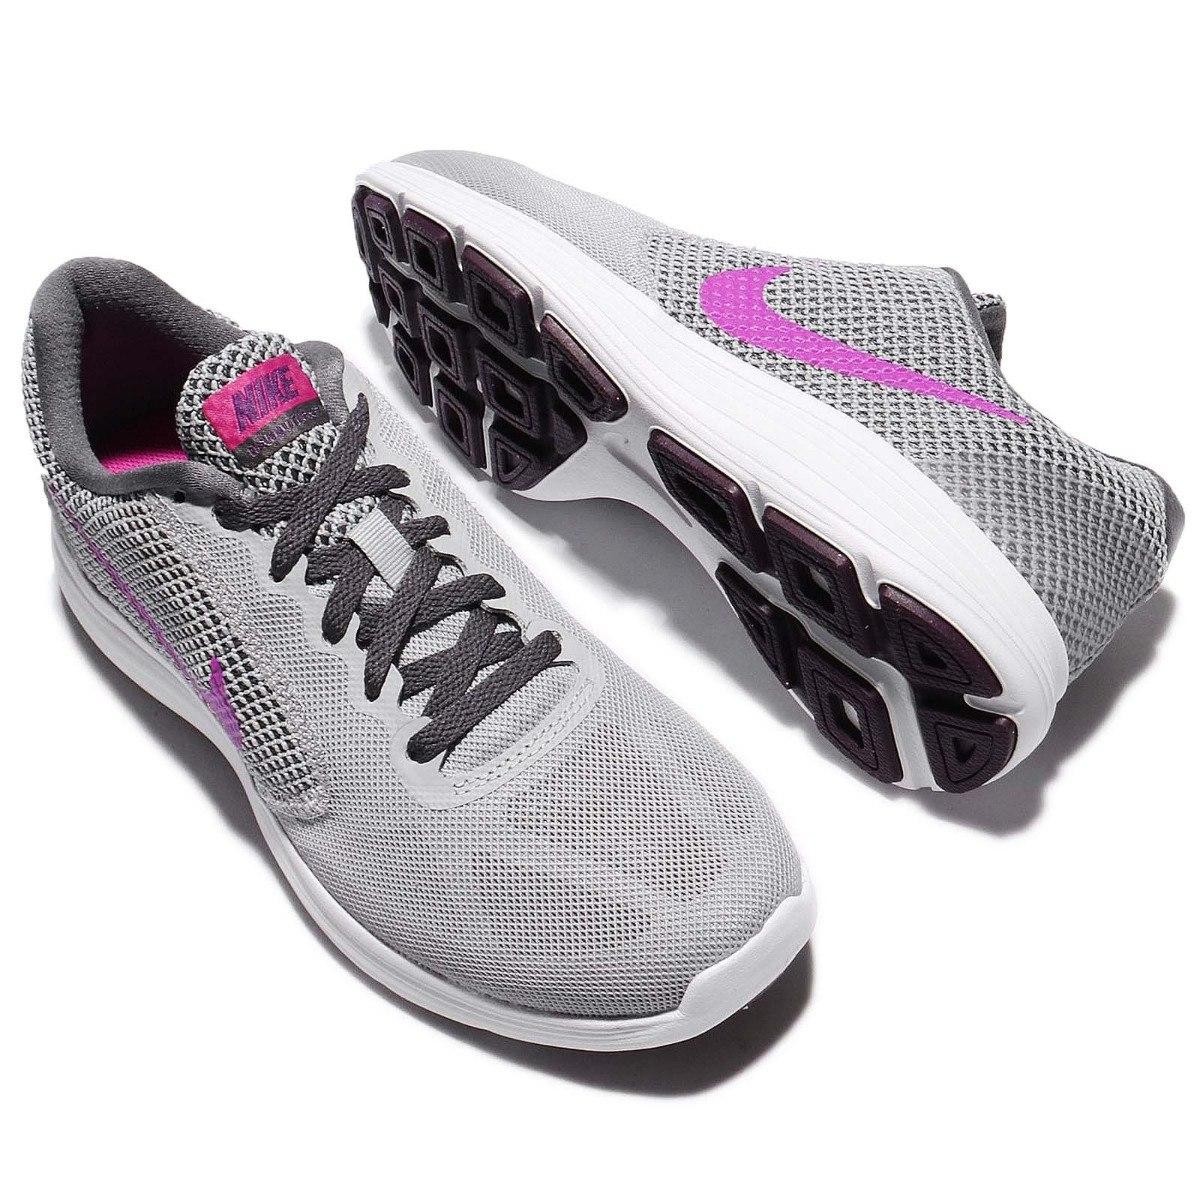 cc07005c7c1aa Compre 2 APAGADO EN CUALQUIER CASO zapatillas nike mujer ofertas Y ...